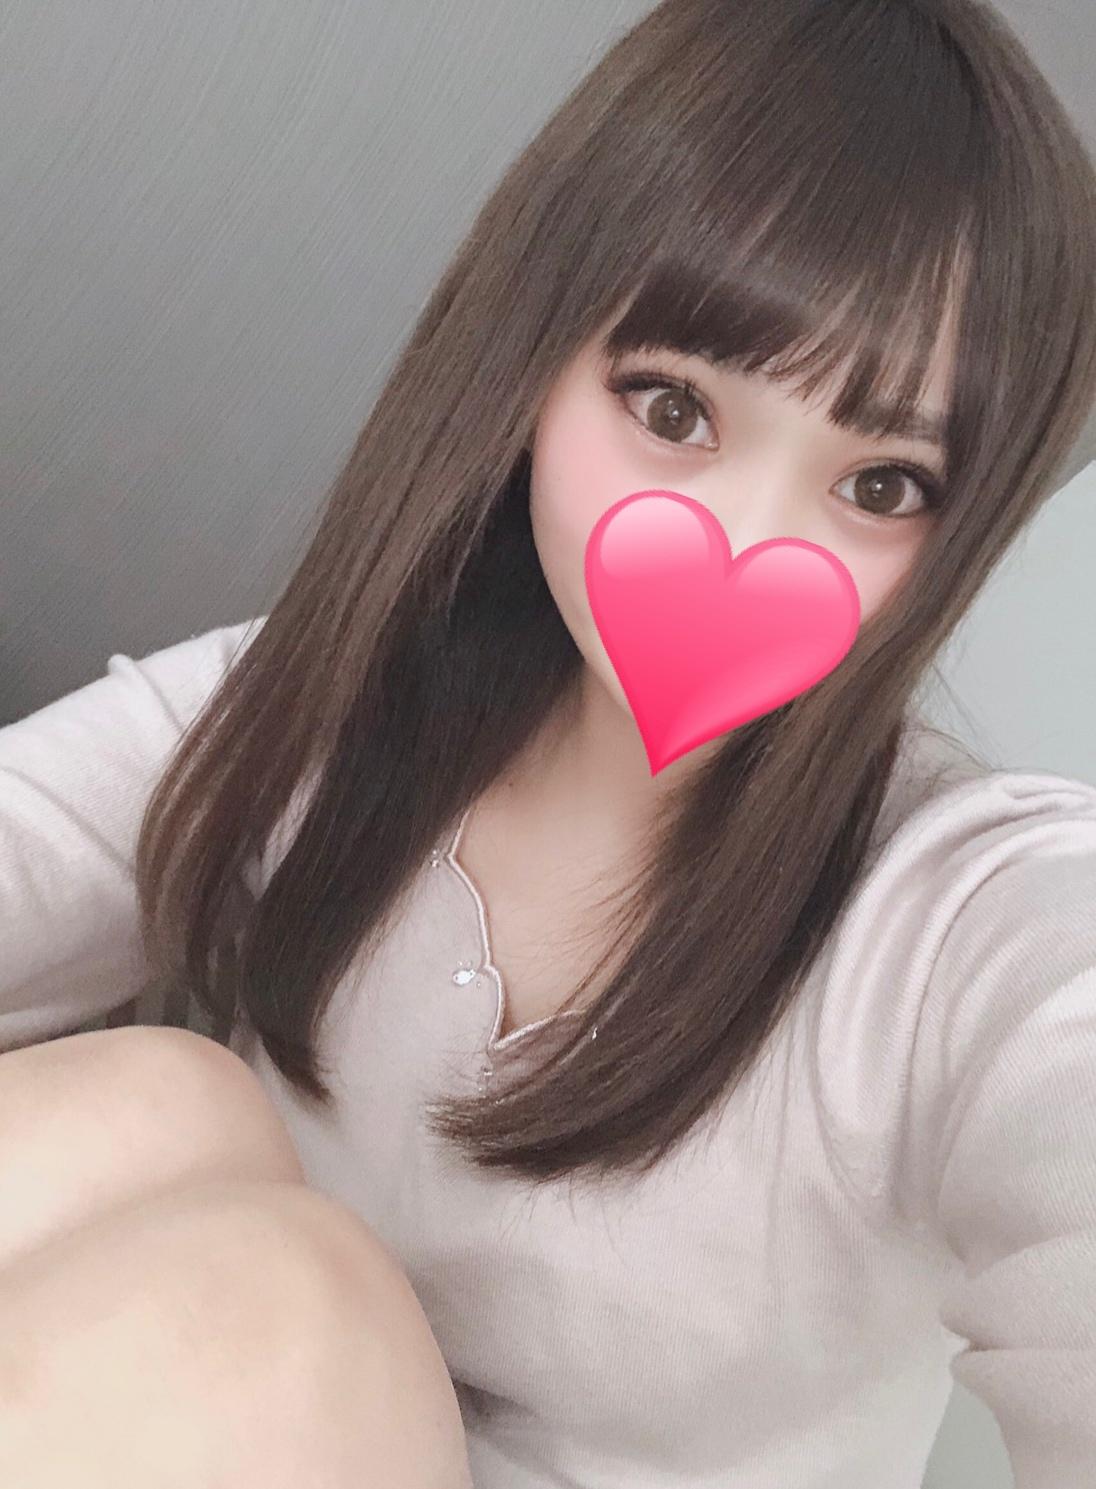 マイ(21)